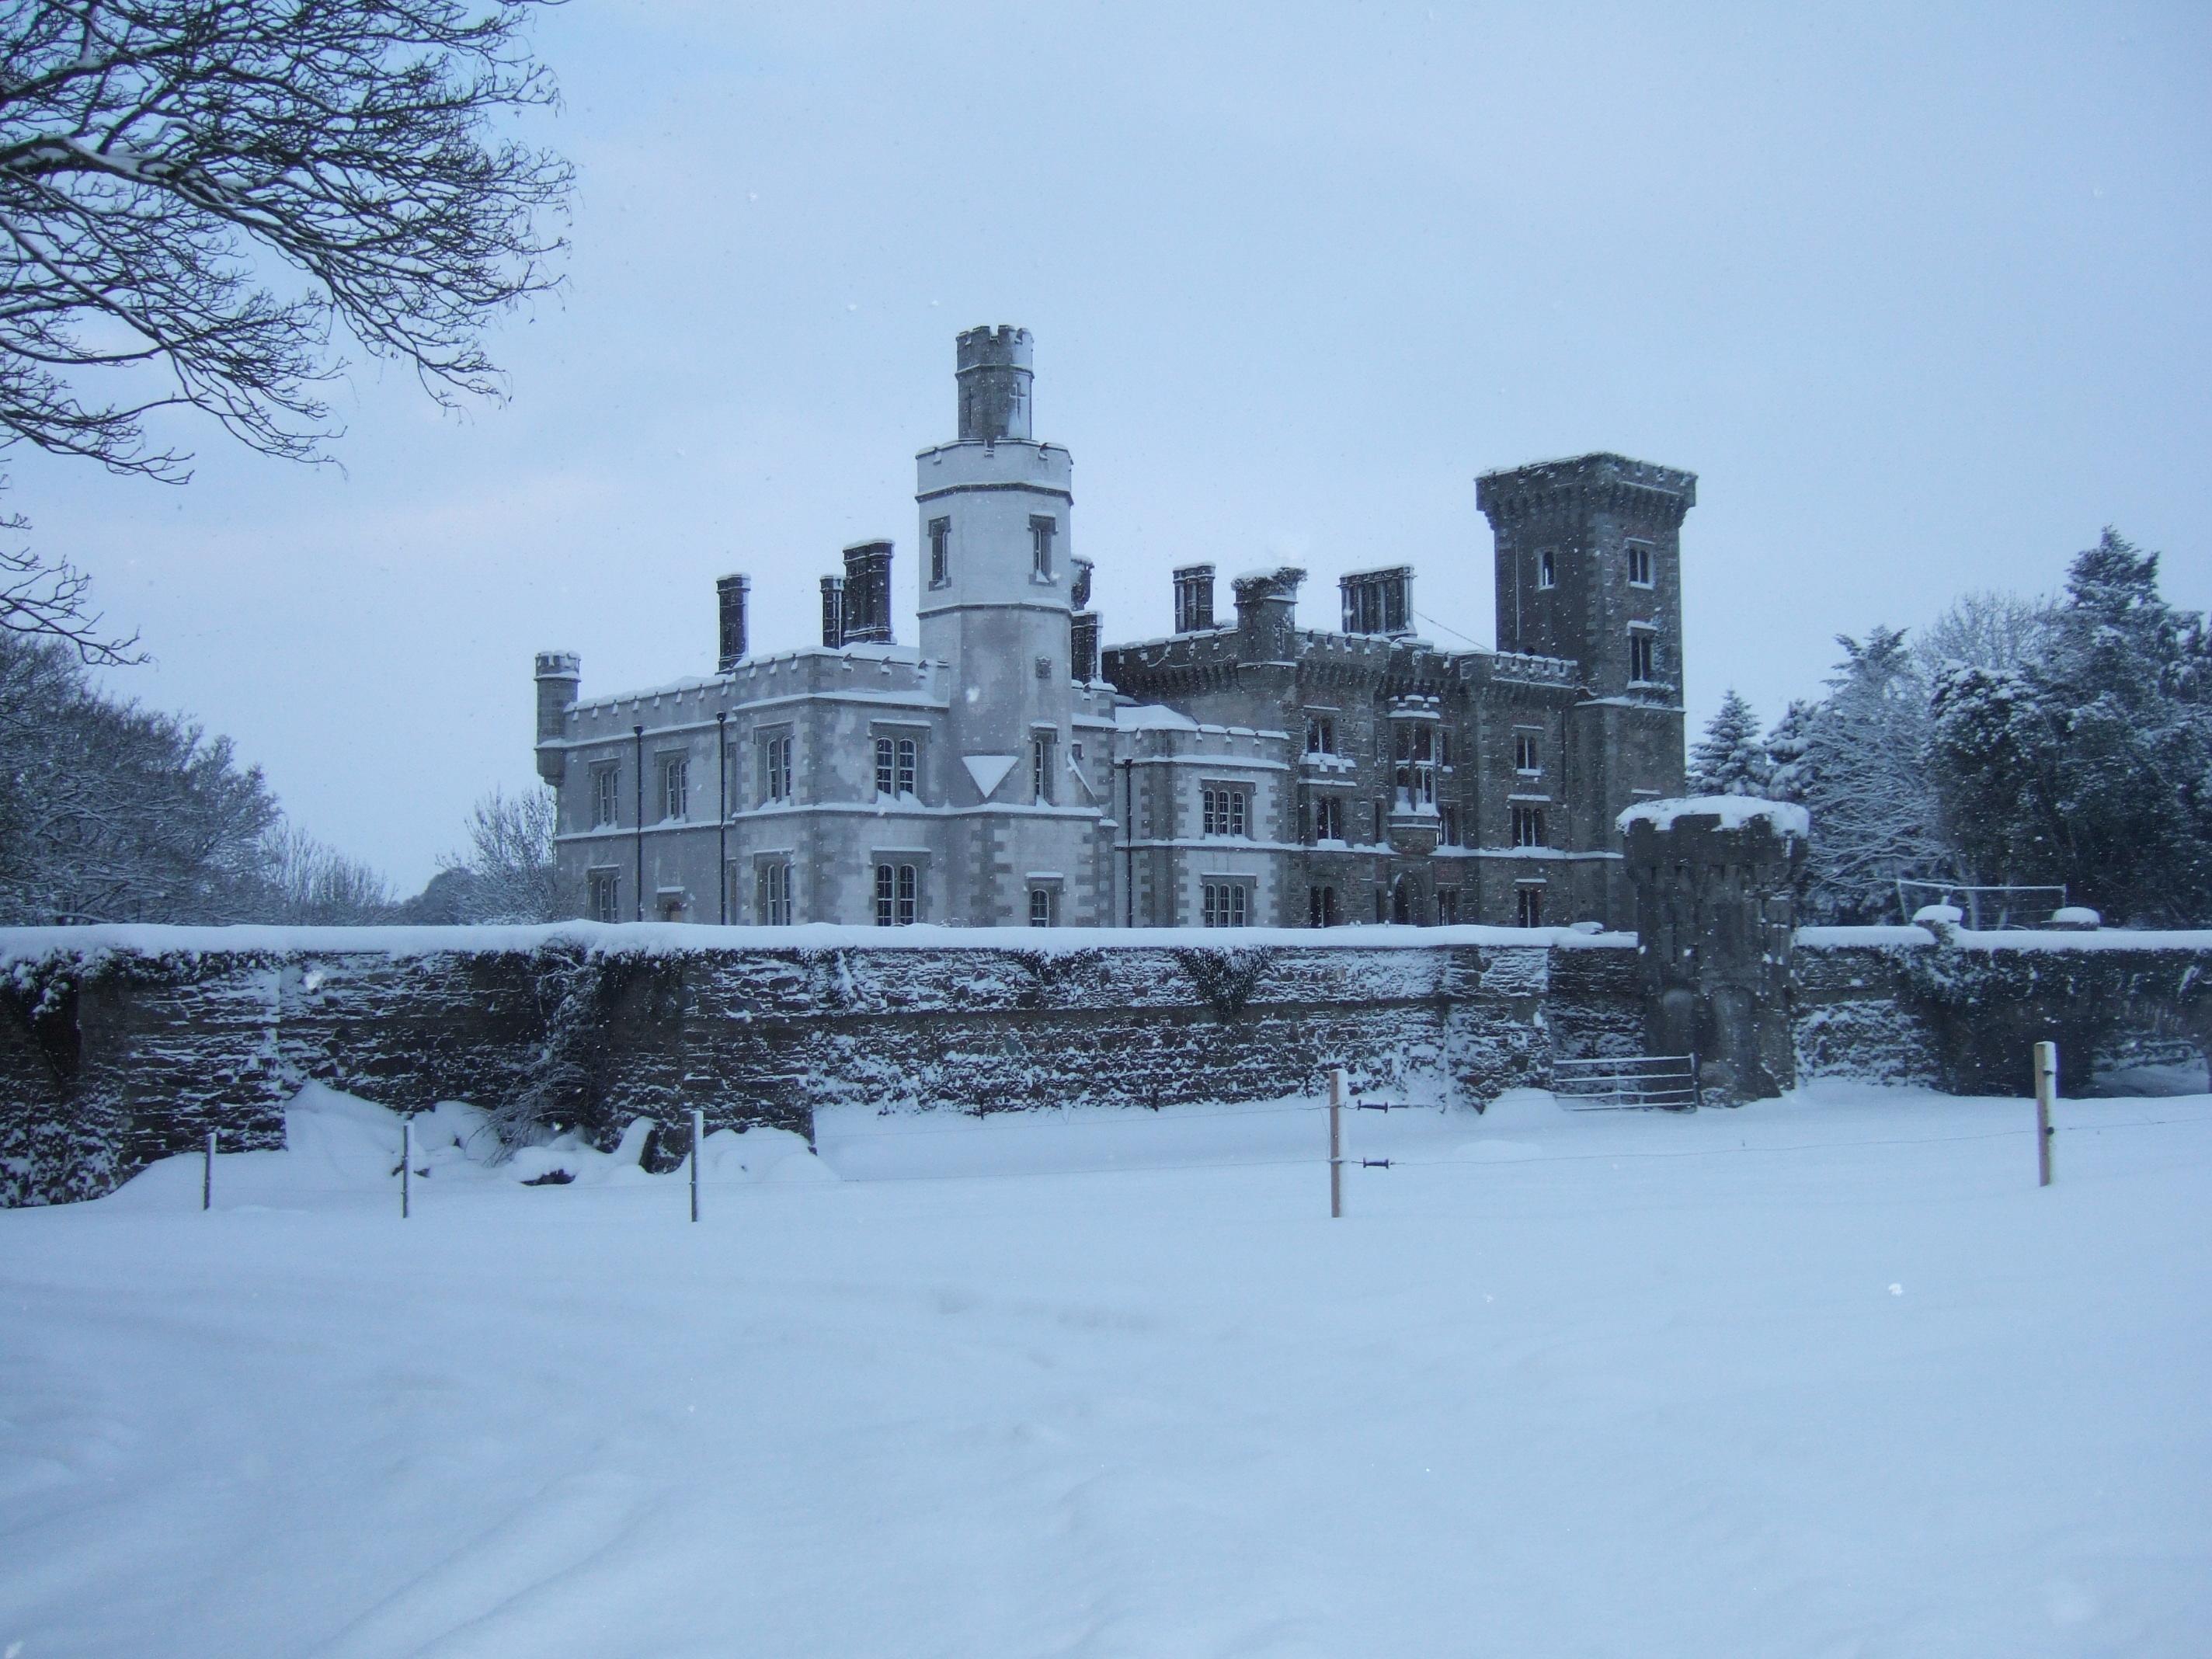 History Of Wilton Castle Wilton Castle Enniscorthy Co